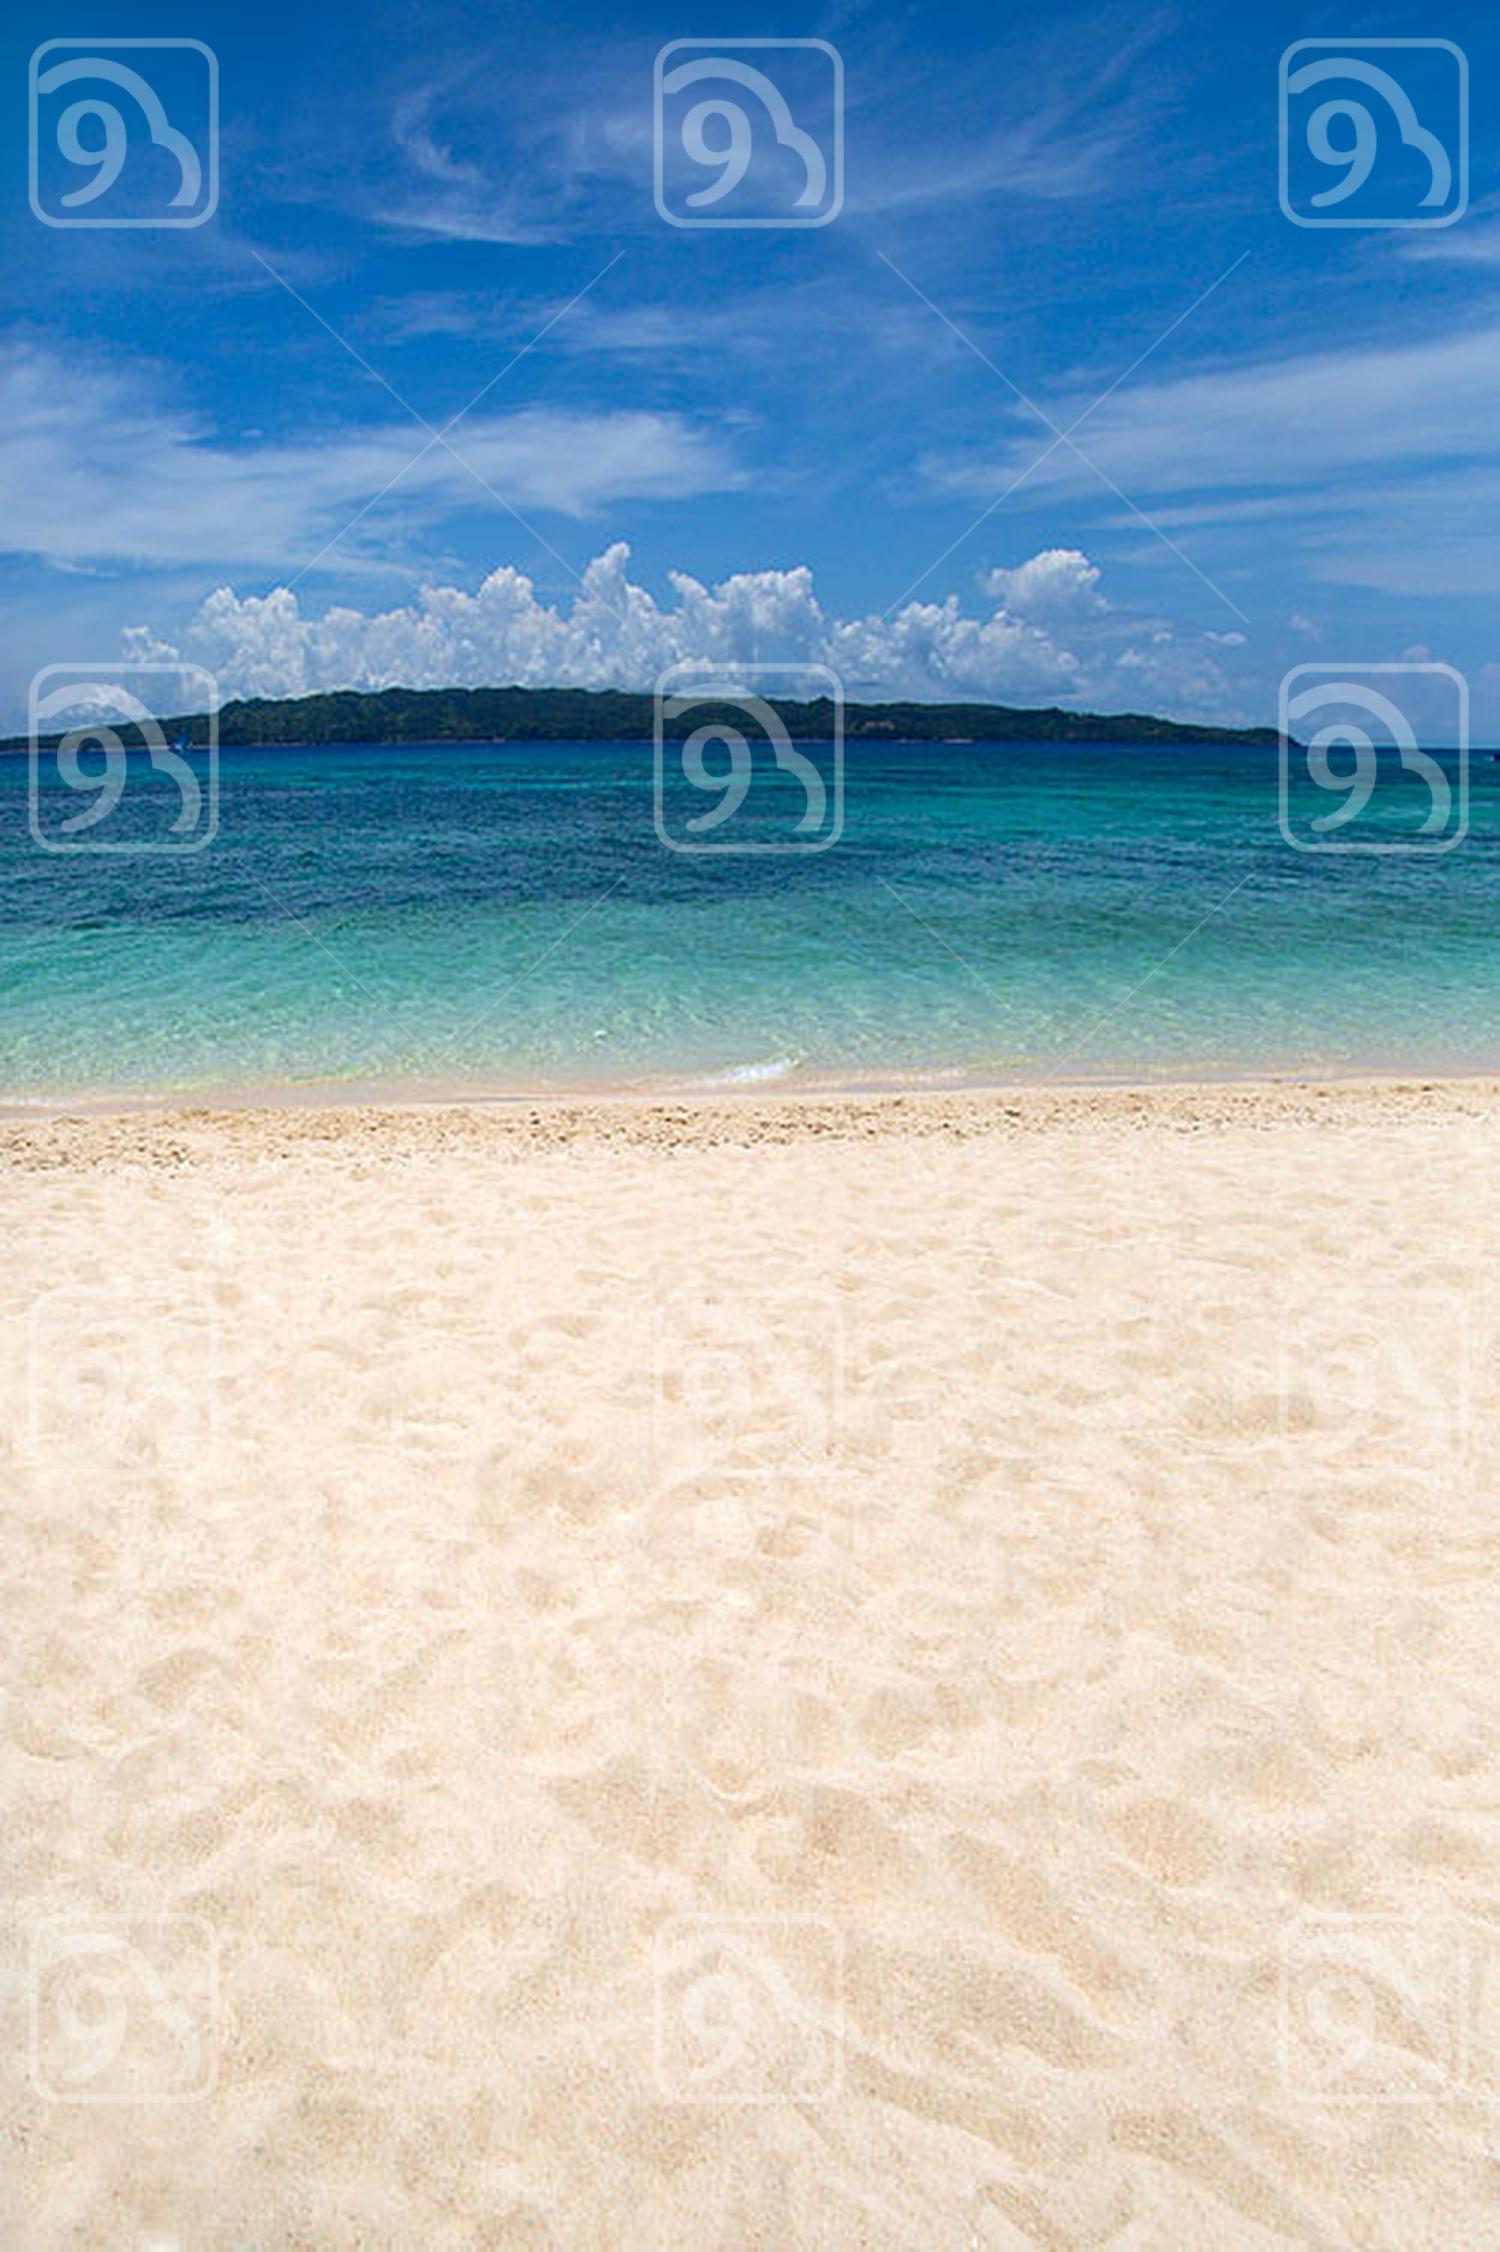 Tropical beach scene, Boracay island, Philippines